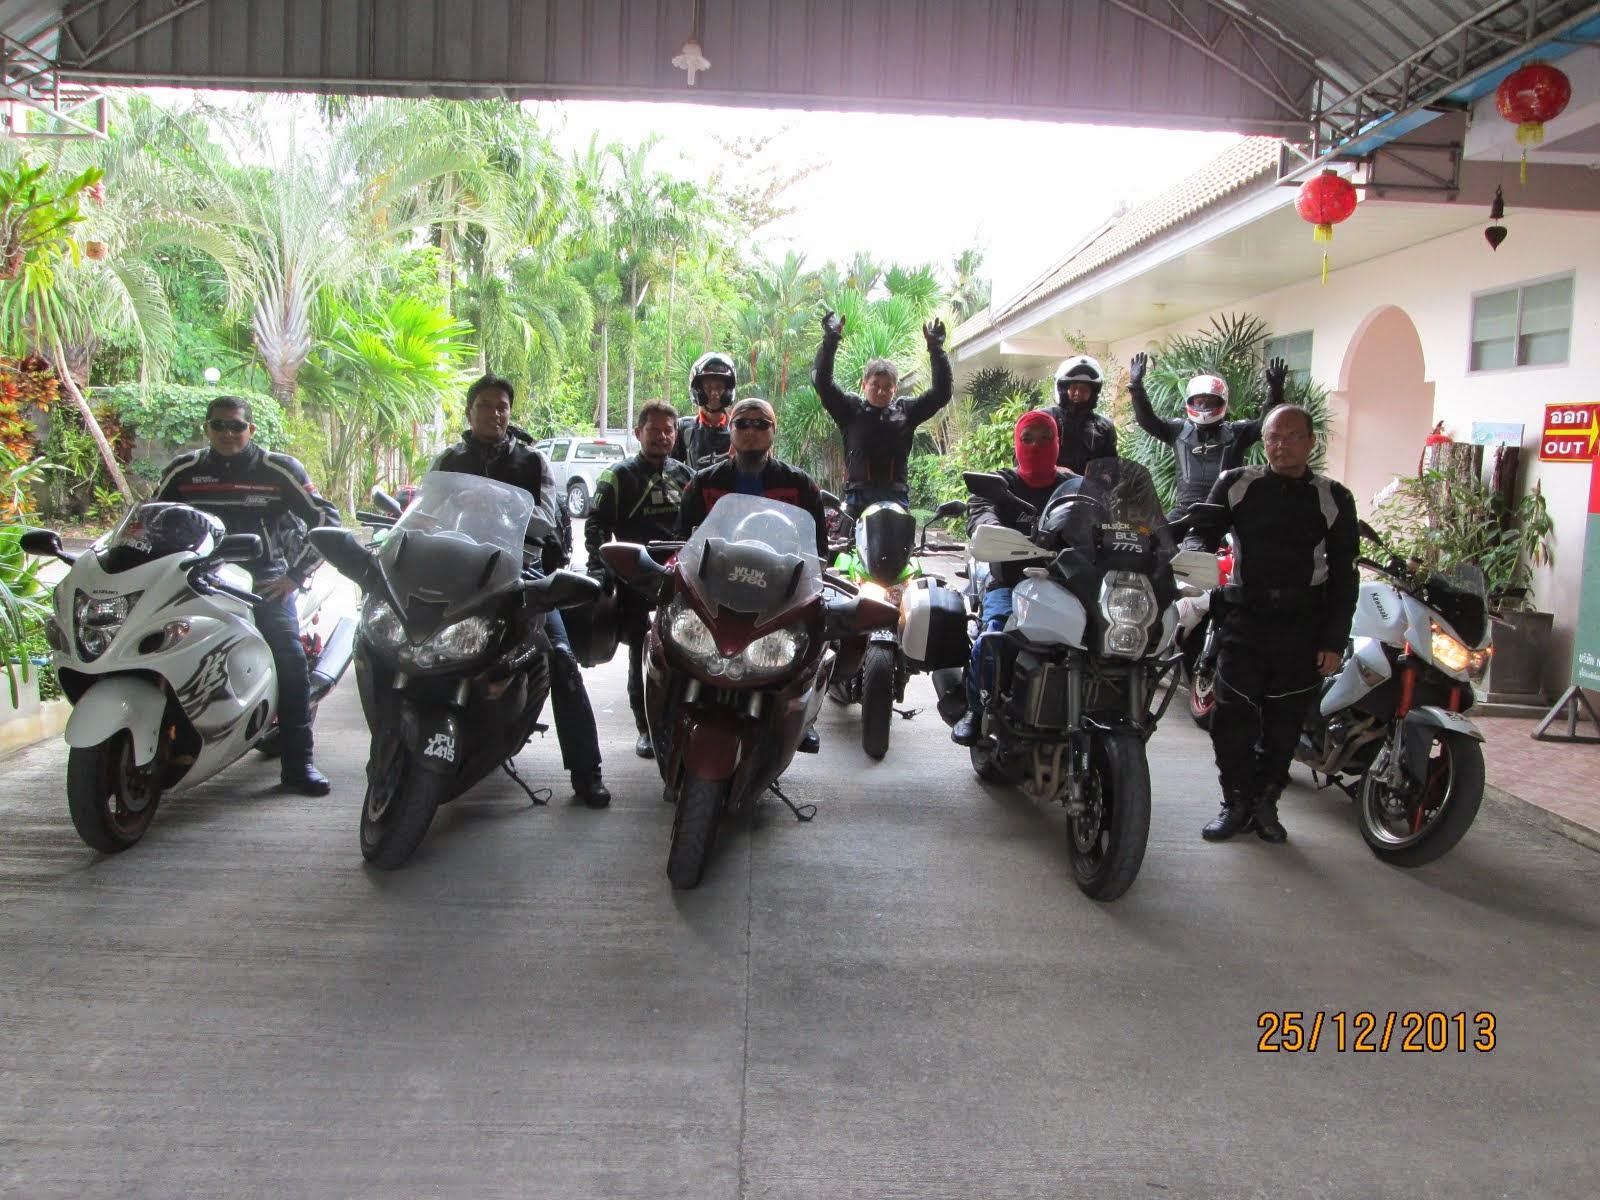 bersama rakan di Satun, Selatan Thailand